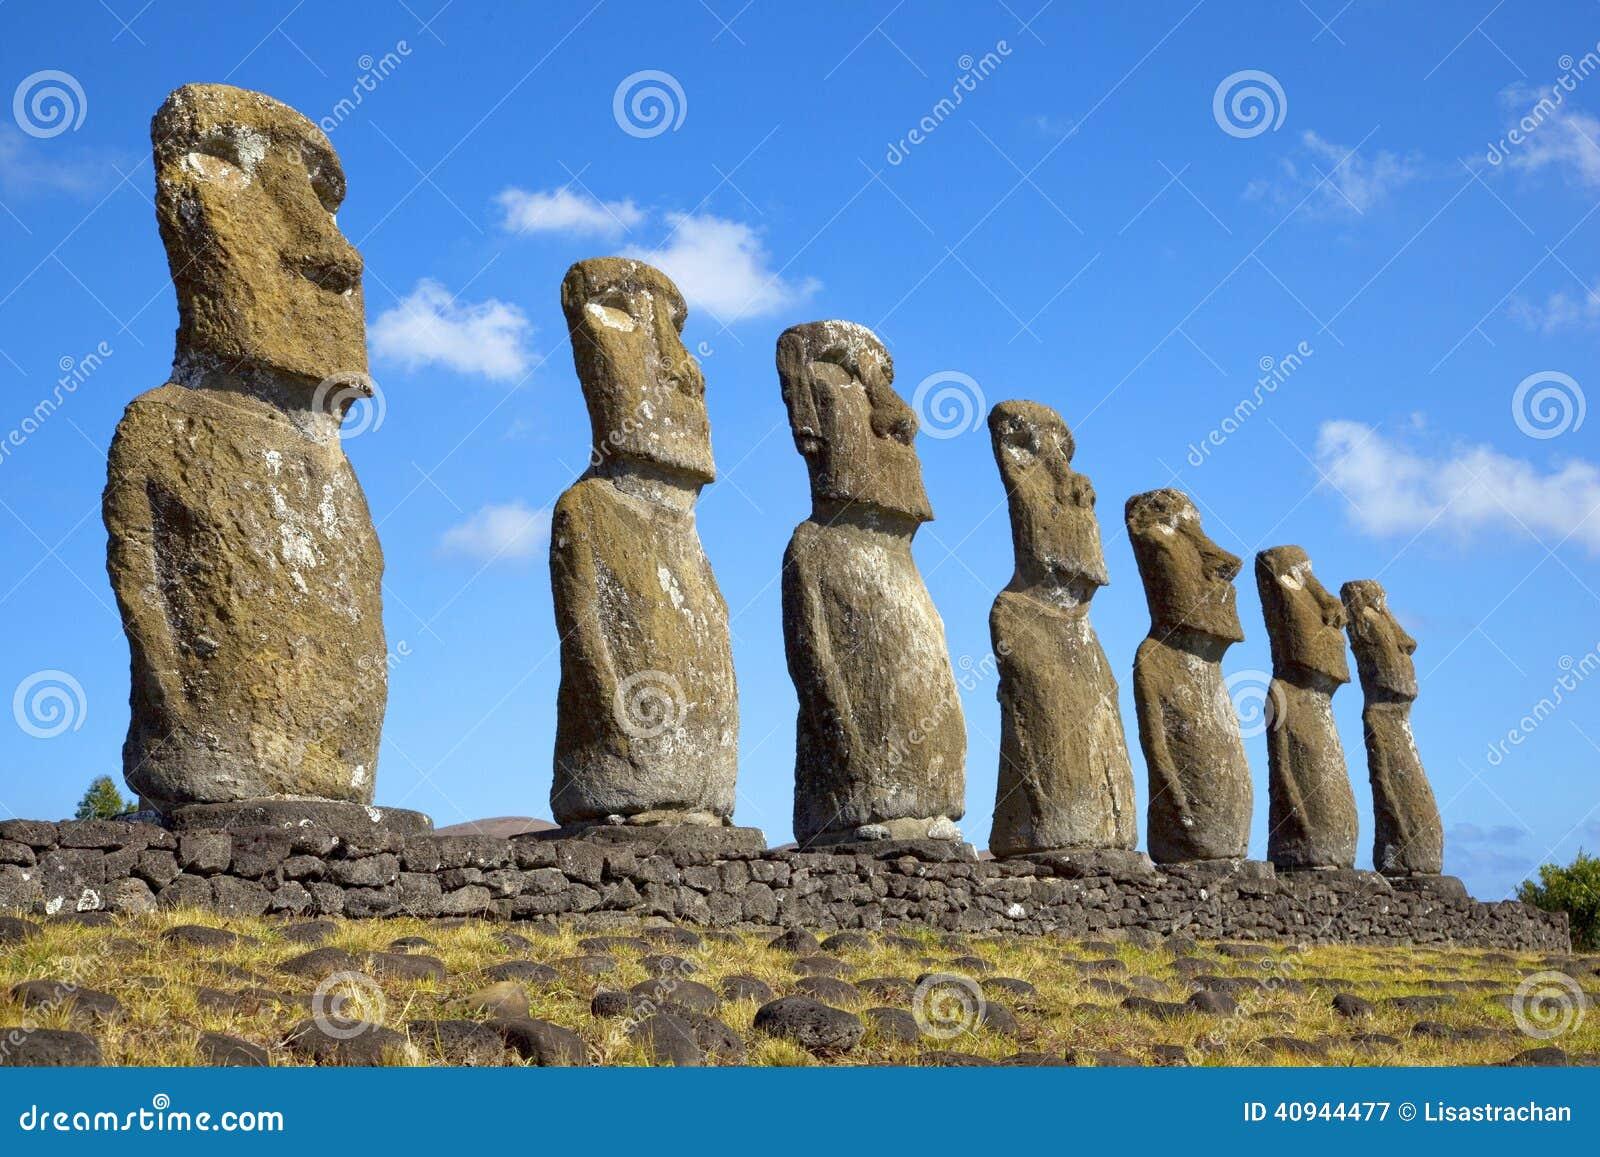 Ahu Akivi Moai, Rapa Nui, Easter Island, Chile.